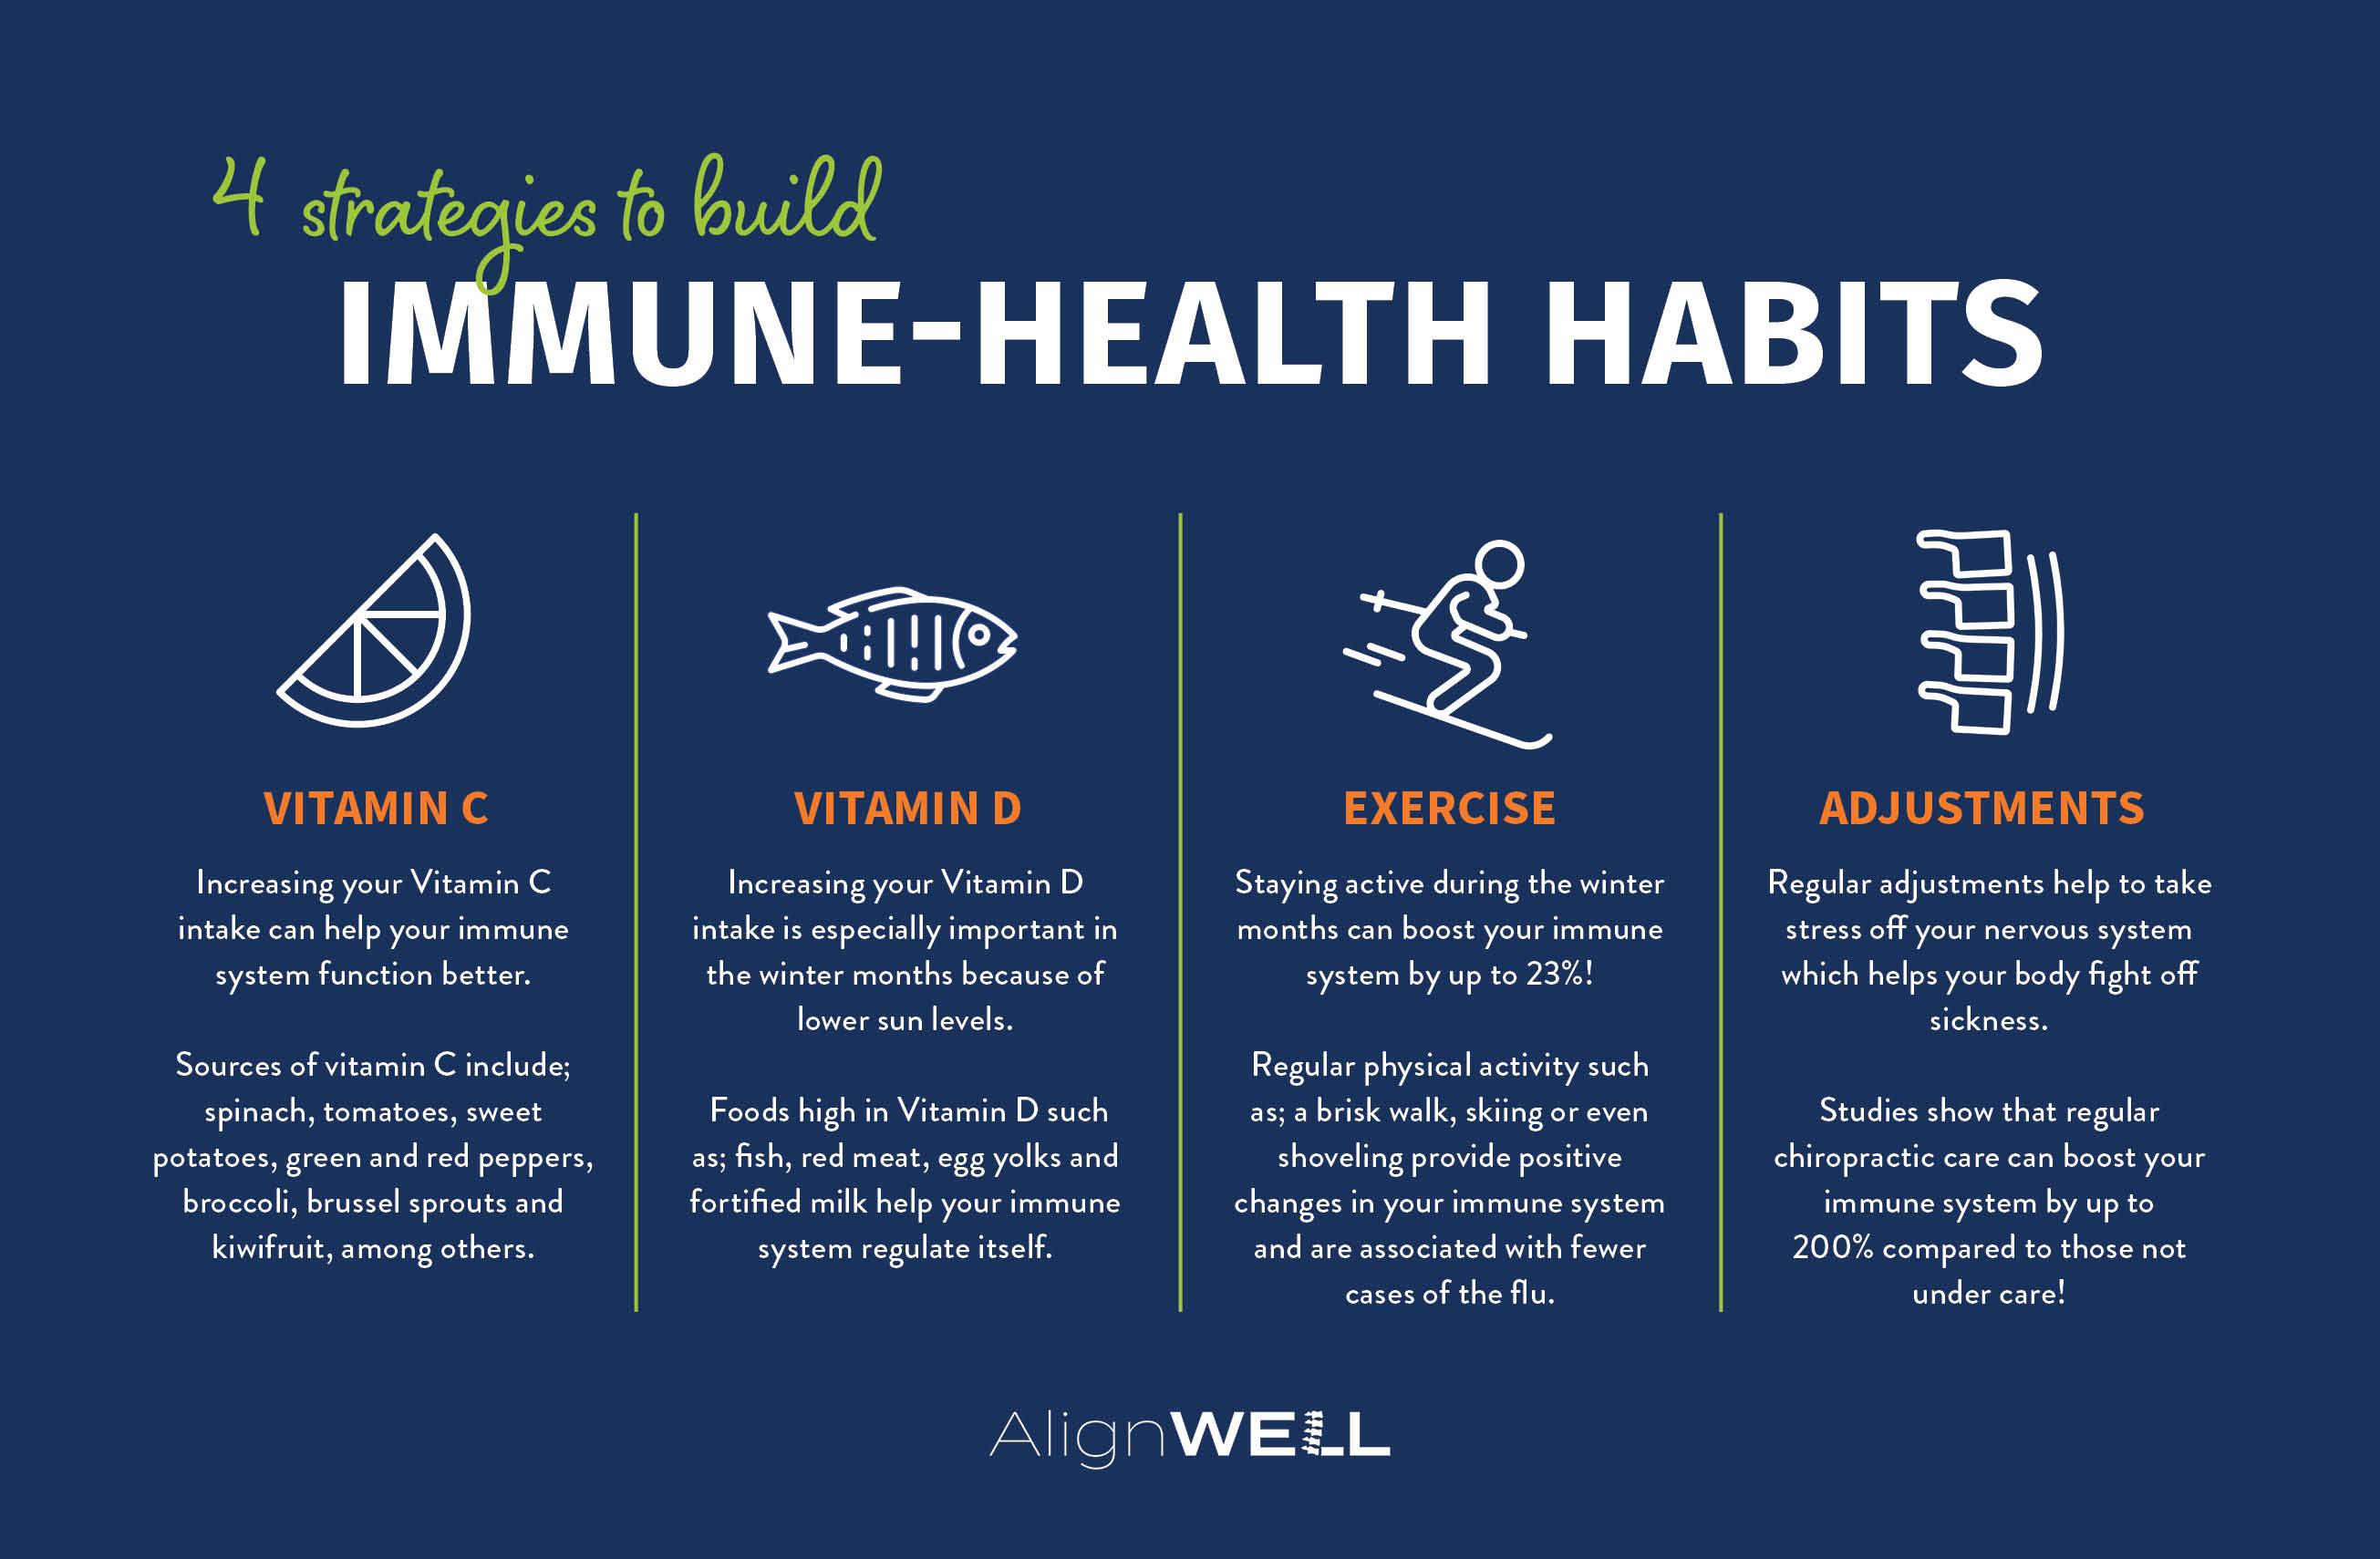 Building Immune Health Habits